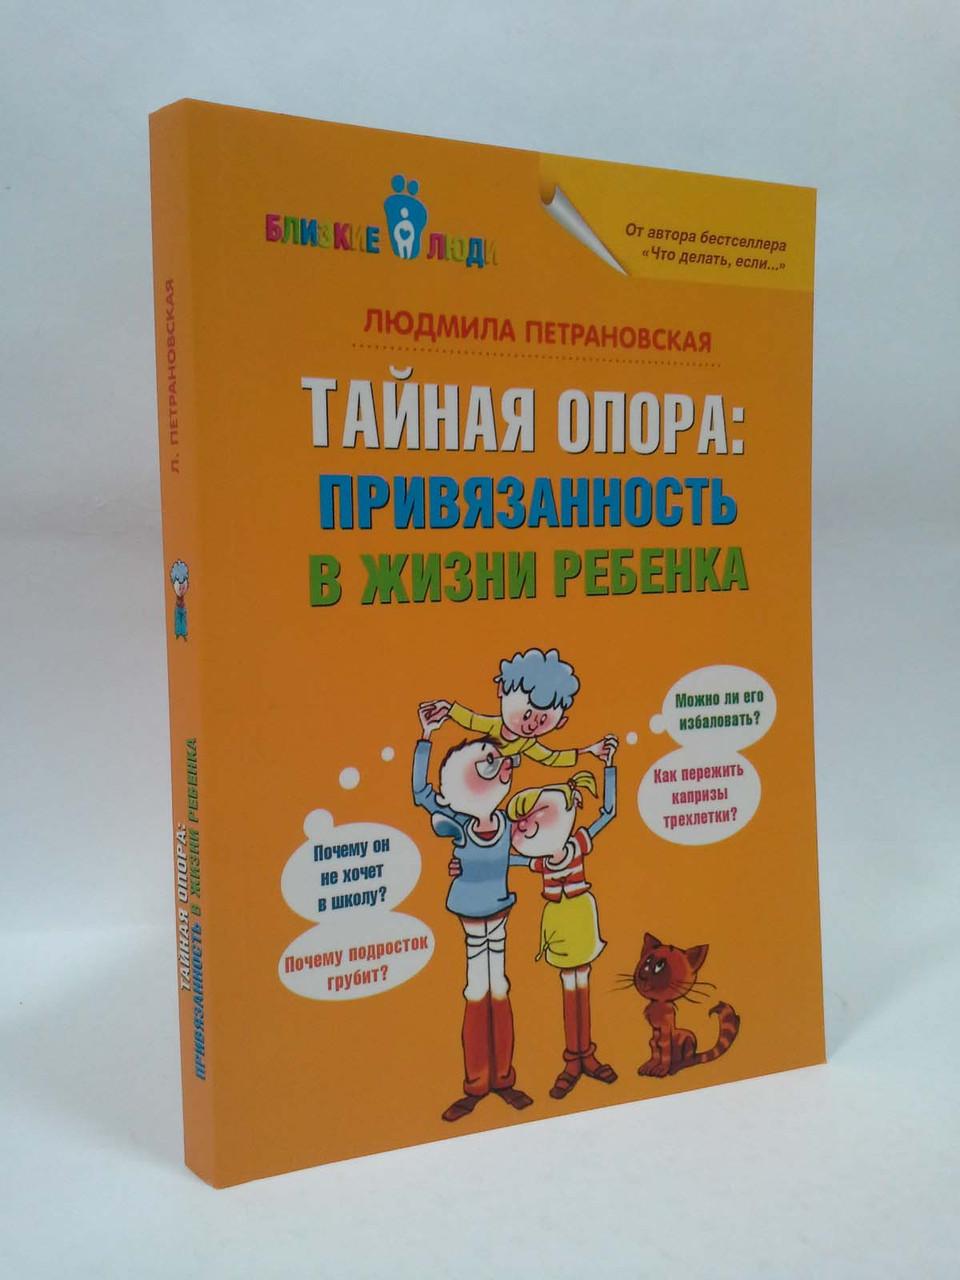 АСТ Петрановская Тайная опора: привязанность в жизни ребенка